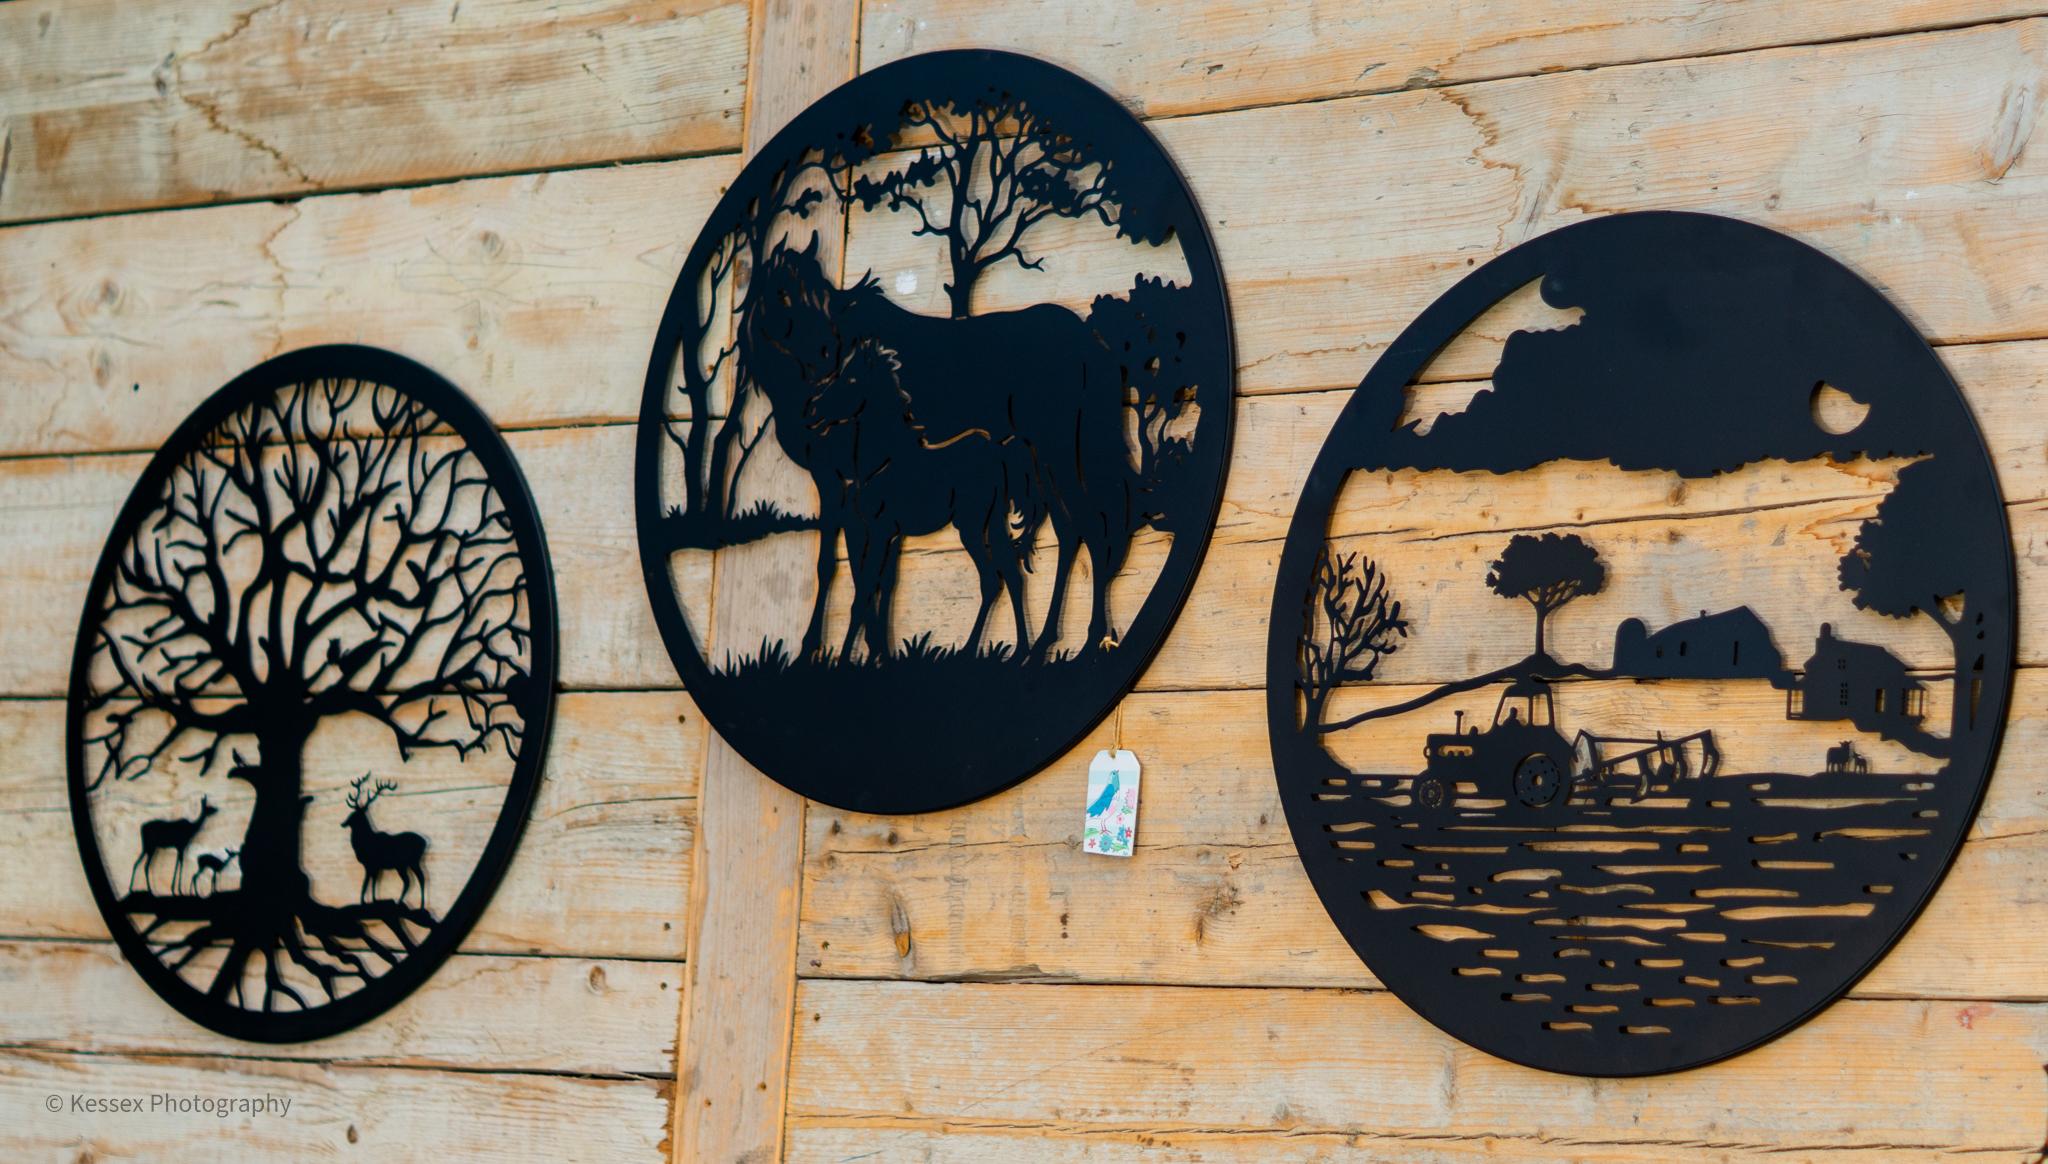 WALL ART - DEER, HORSES, FARM SCENES